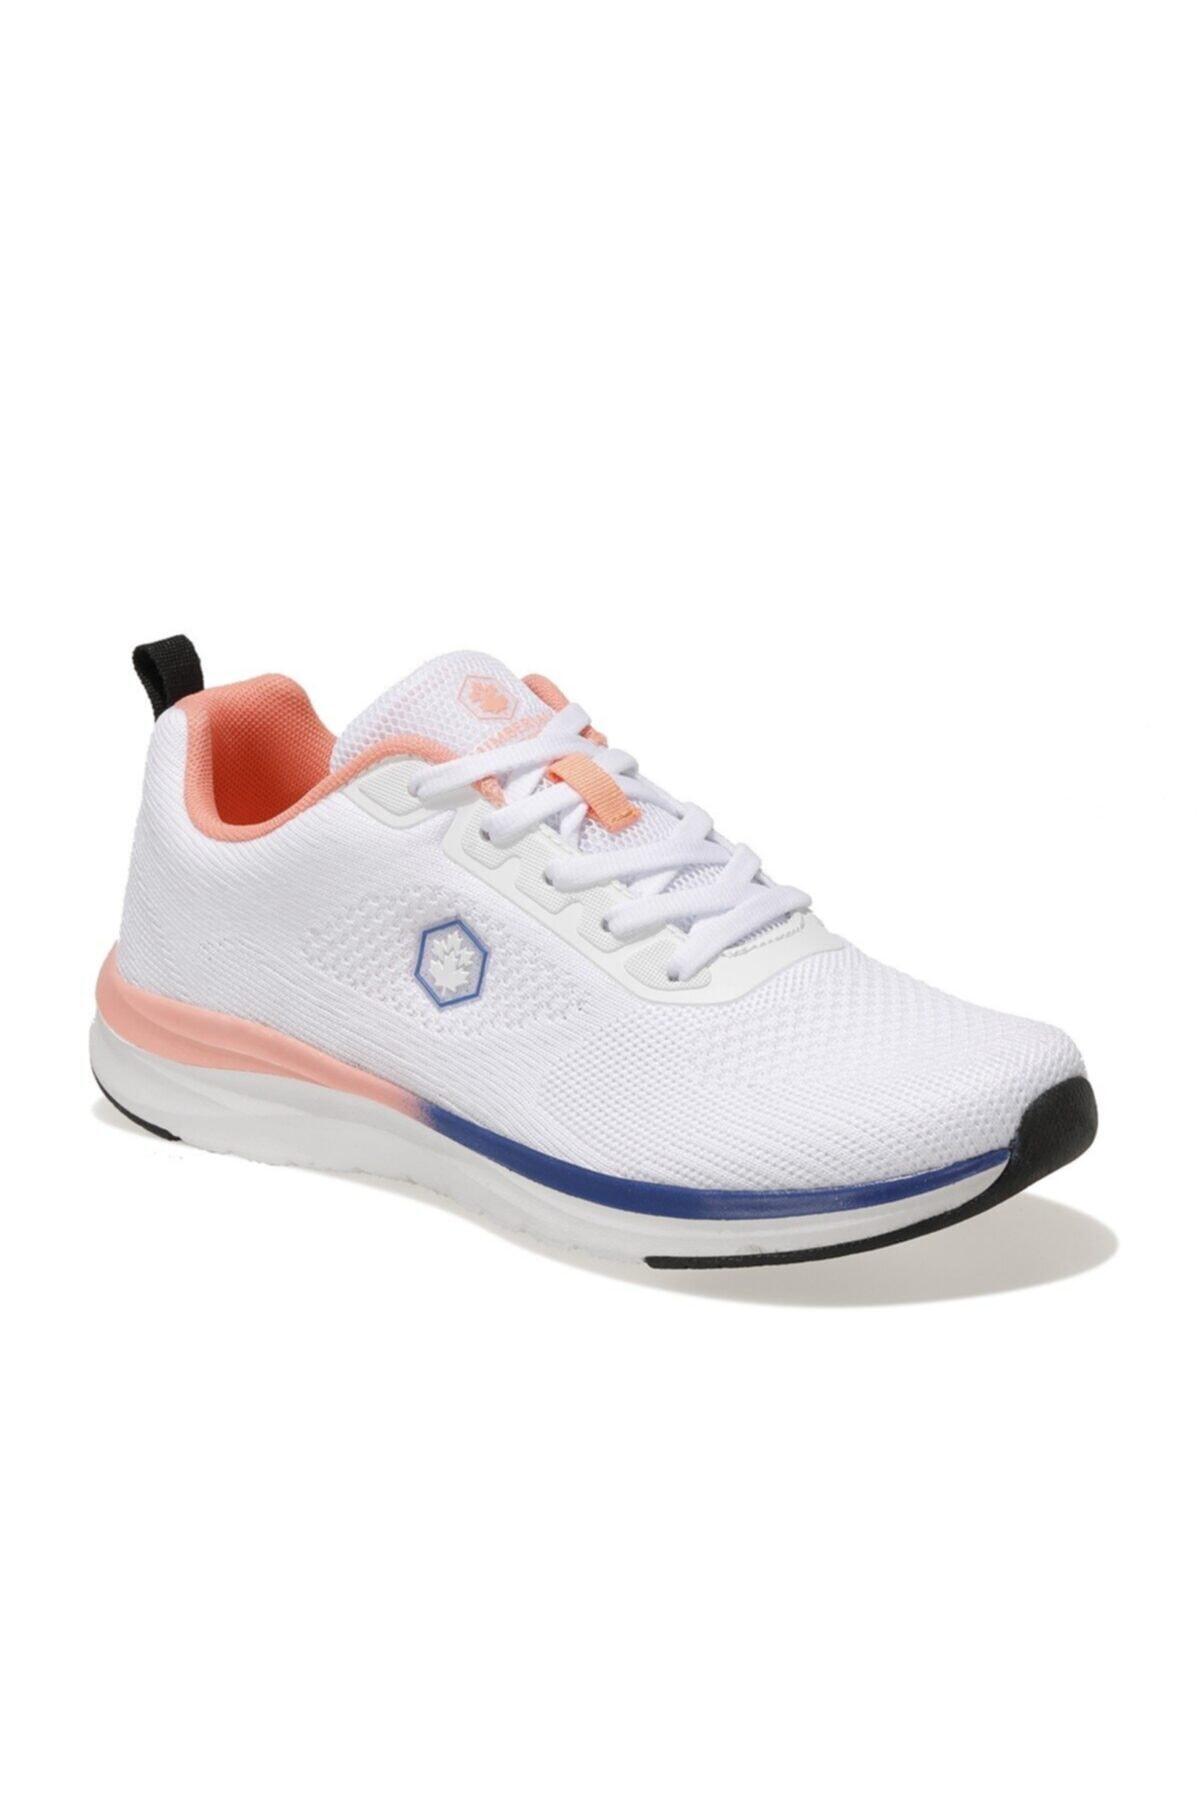 PETRA Beyaz Kadın Comfort Ayakkabı 100587224